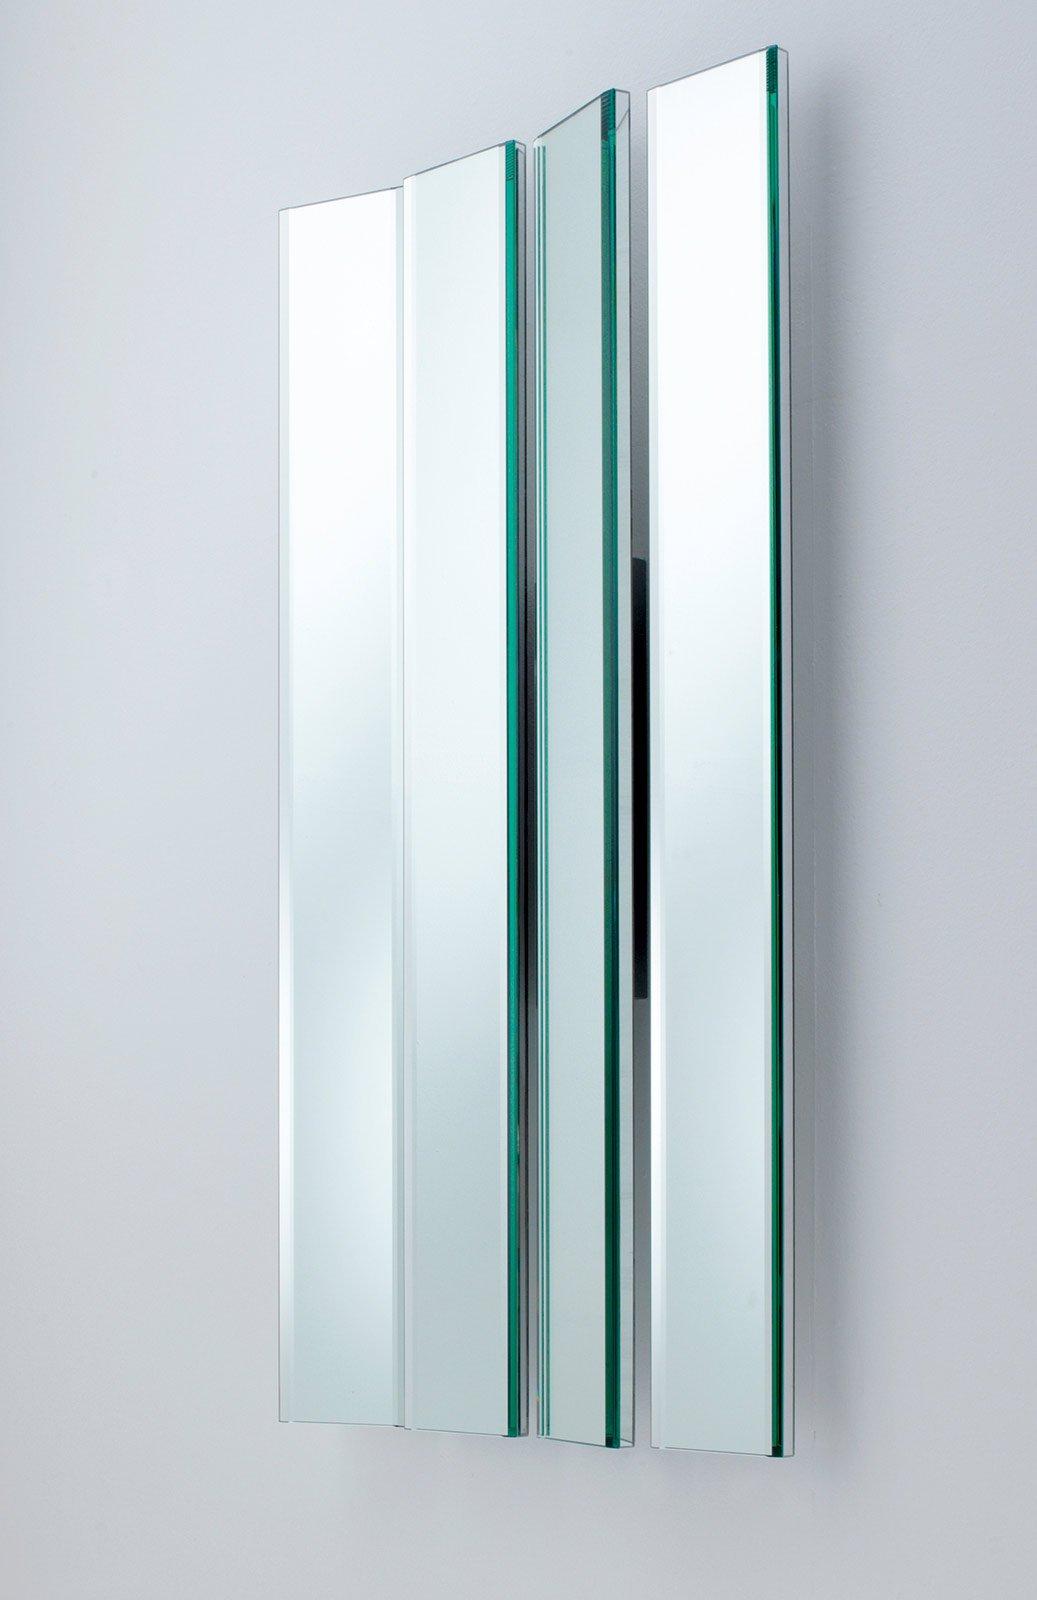 Specchi come elementi d 39 arredo cose di casa - Lastre di specchio ...